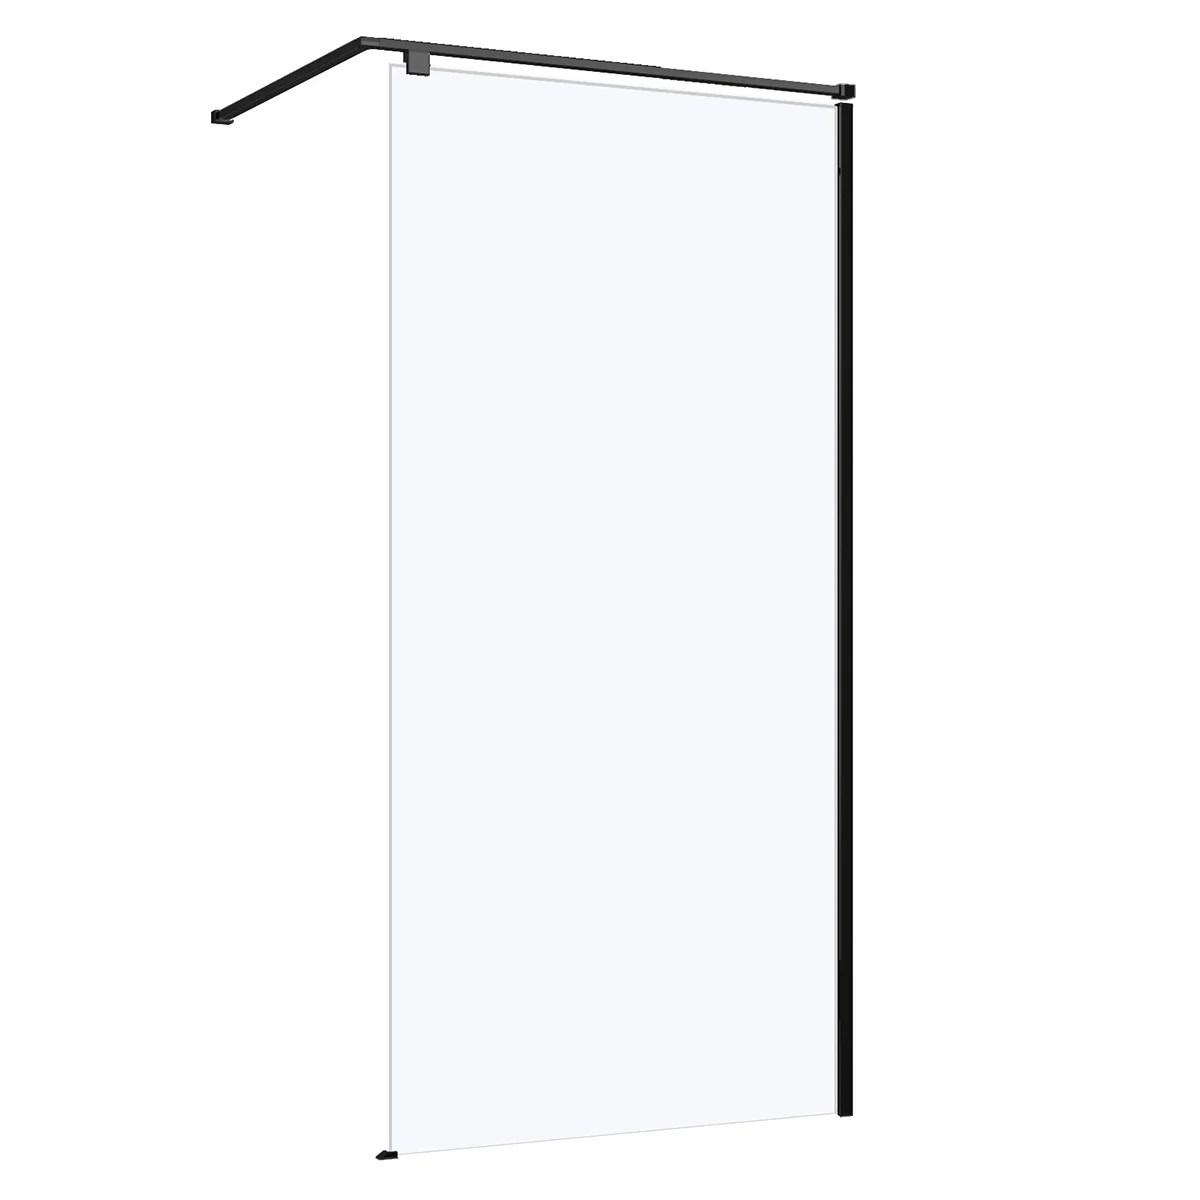 paroi de douche a l italienne l 80 cm verre transparent 8 mm eliseo